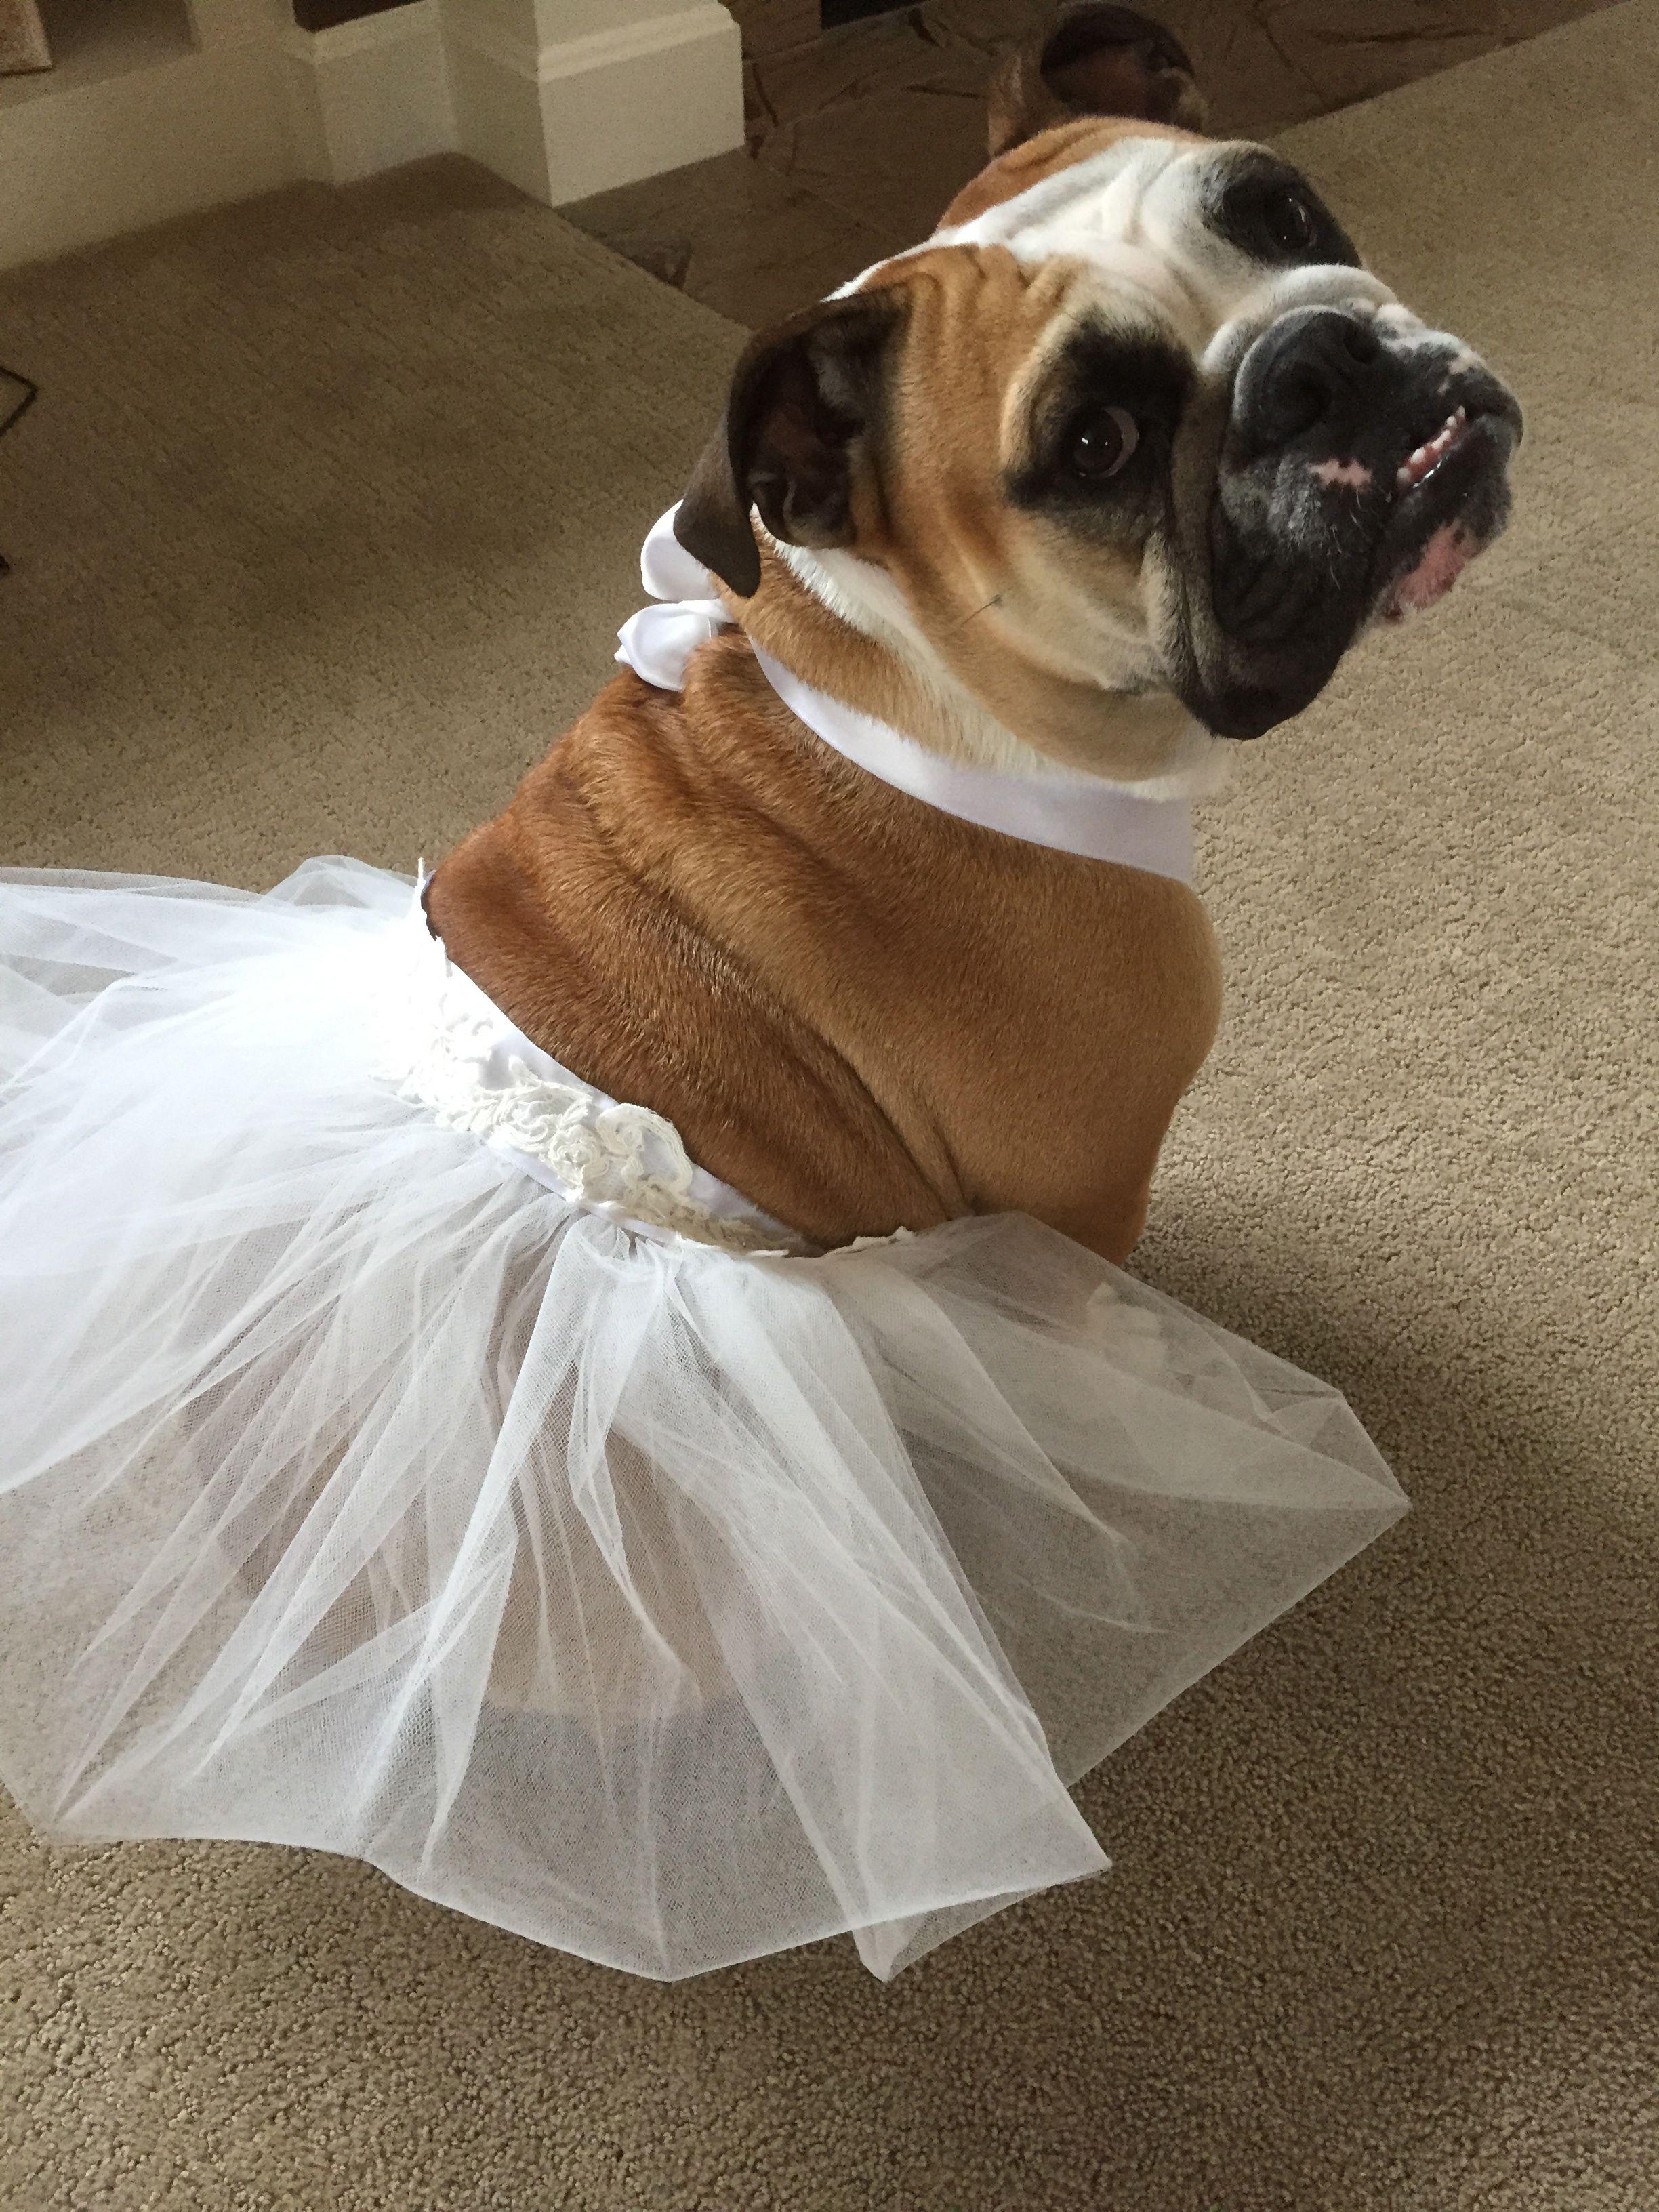 English Bulldog In A Tutu For A Wedding Adorabull Dog Wedding